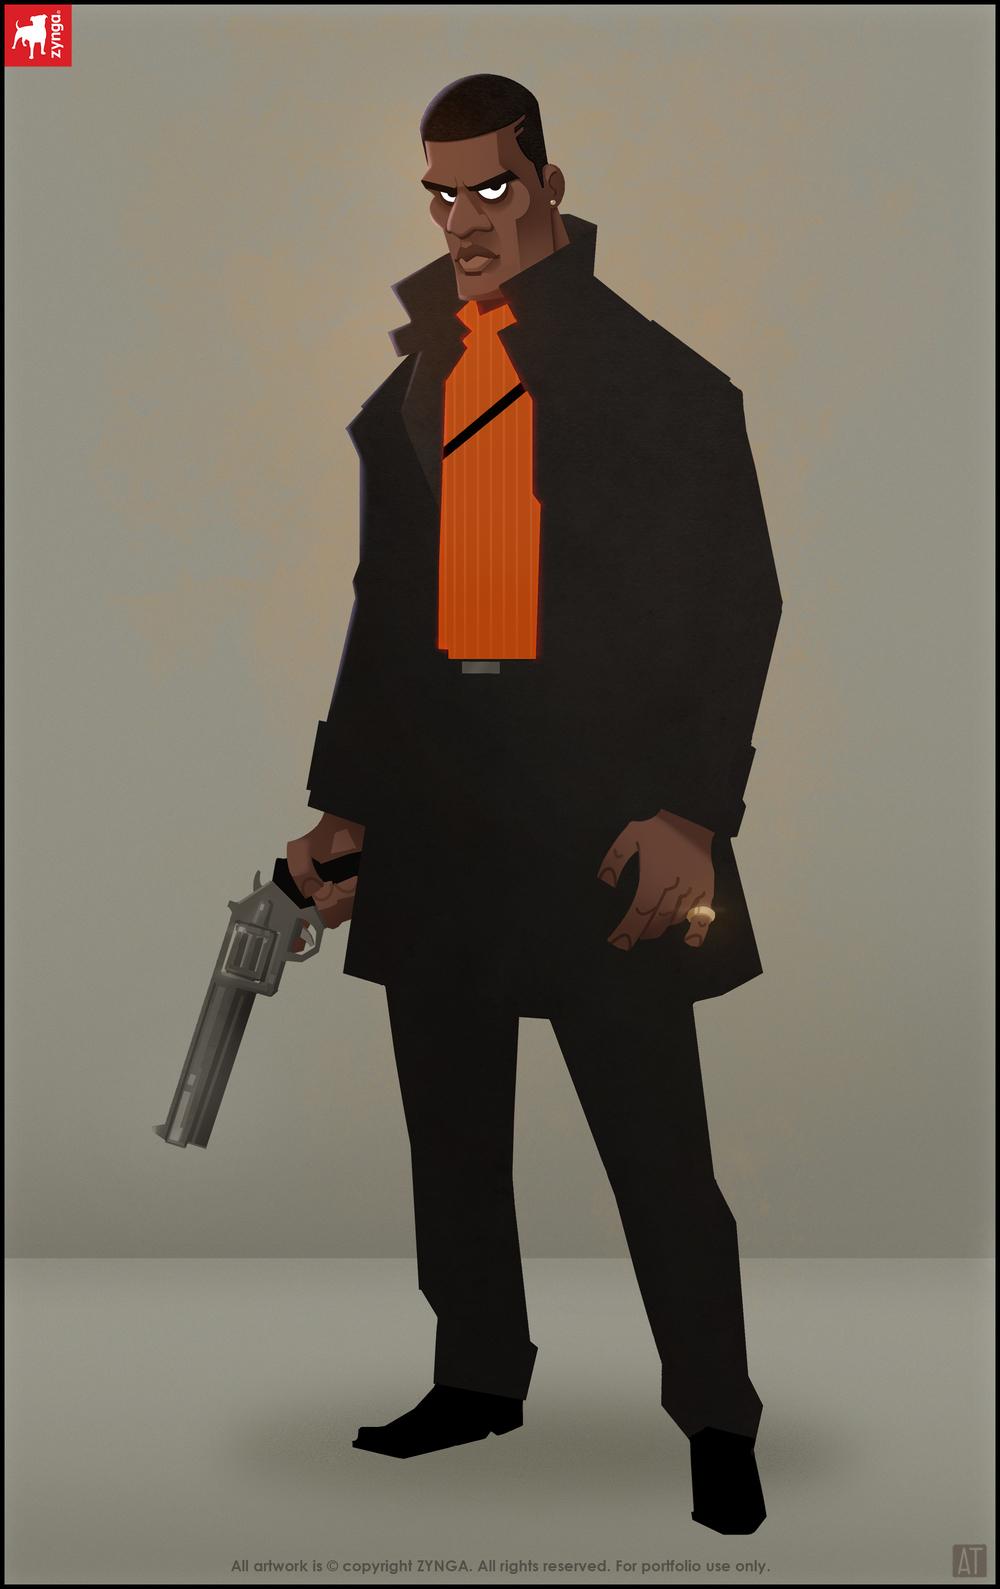 mobster_07.jpg